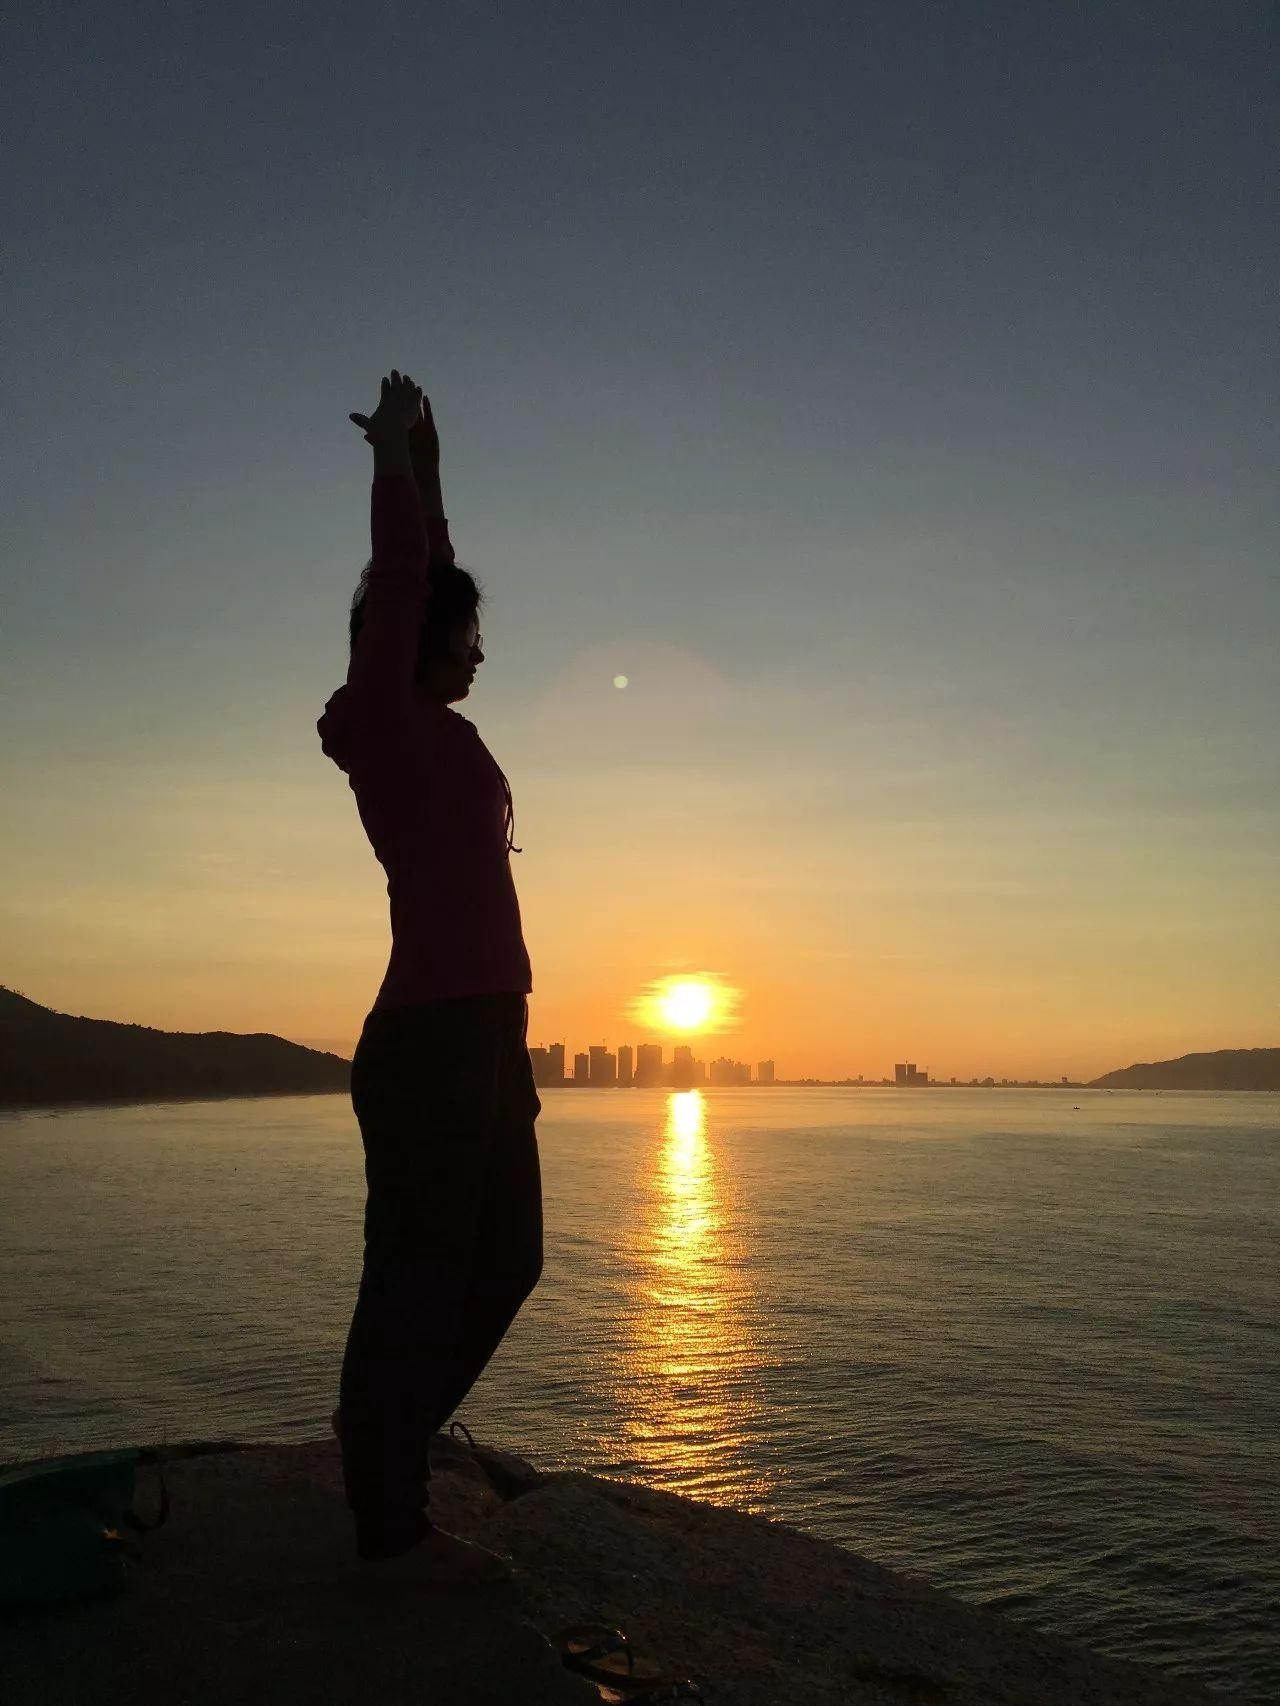 (11)【醉美之景】10.29(周日)徒步穿越惠东狮子岛海岸线,偶遇惠州天空之镜-户外活动图-驼铃网